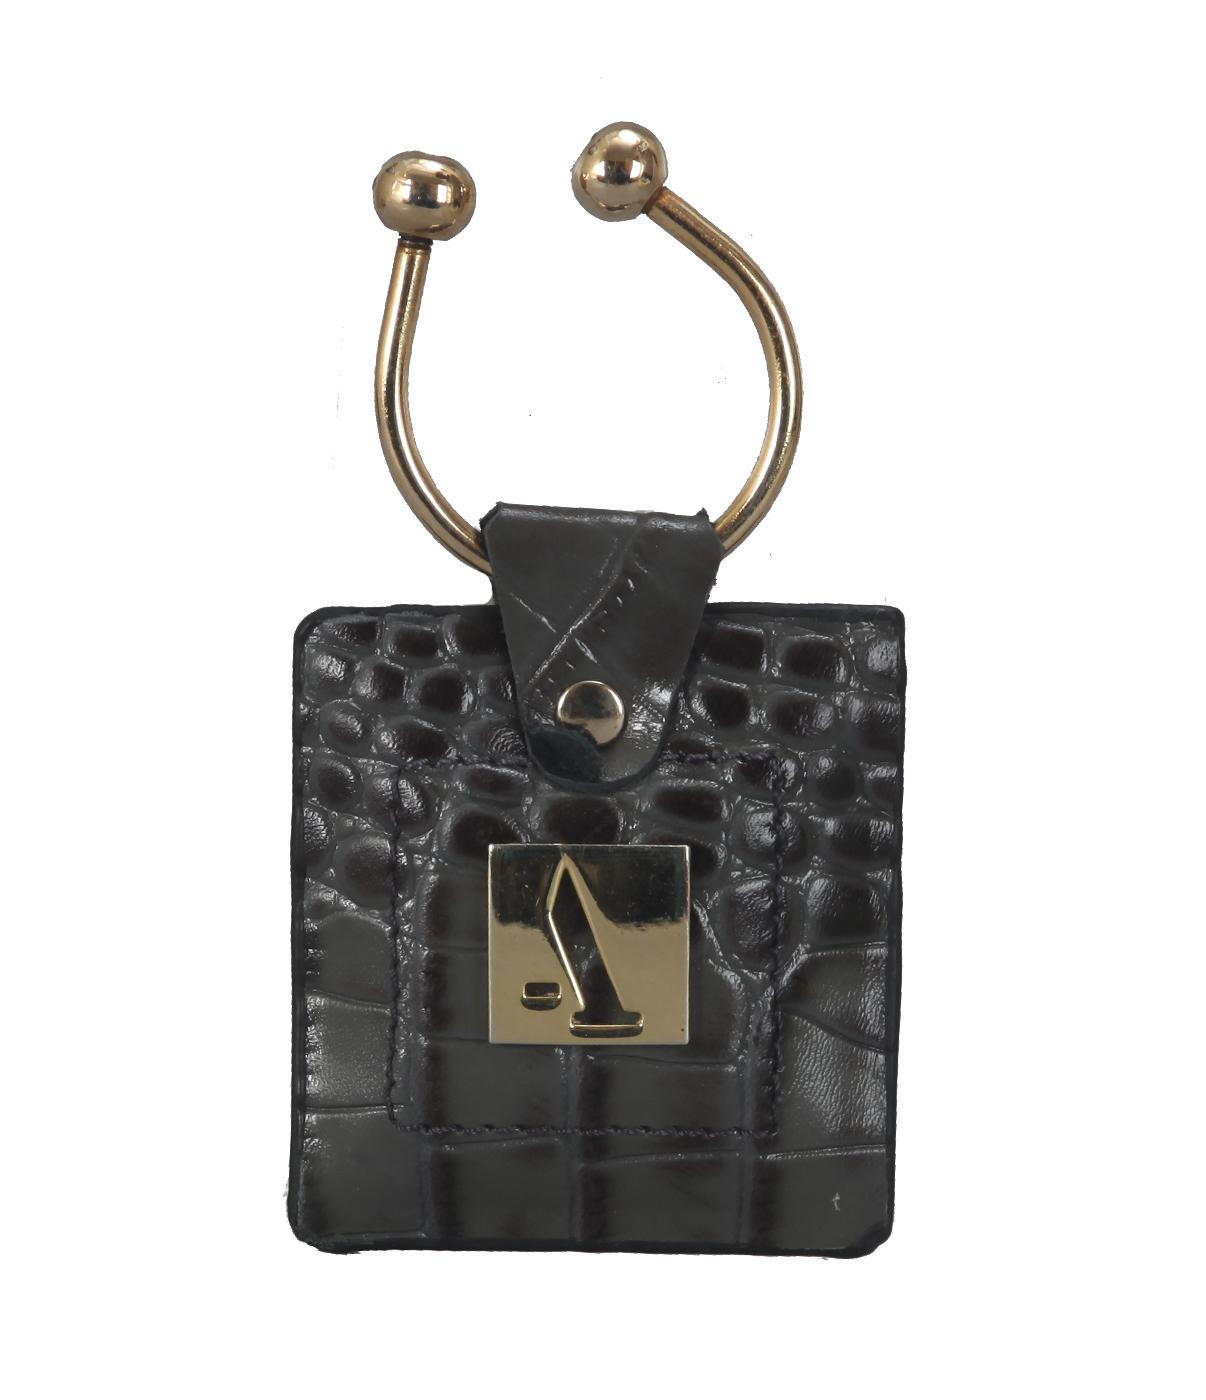 Key Chain - W269